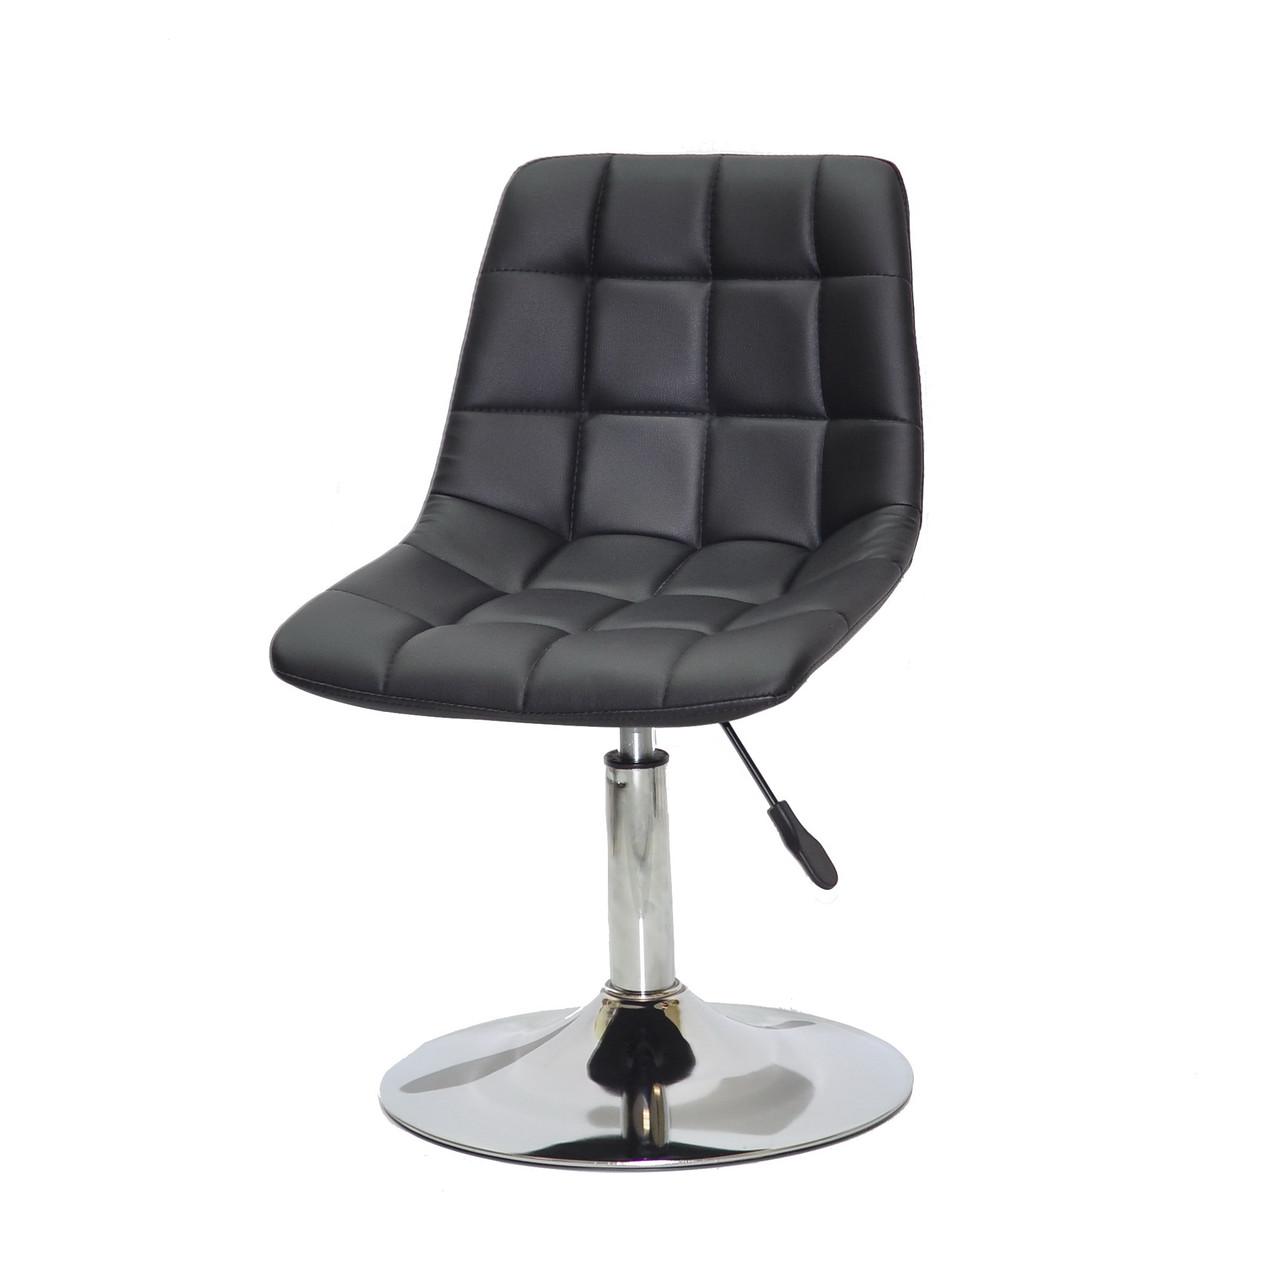 Комфортное кресло с регулировкой высоты, кресло на блине черная эко-кожа Robin CH-Base